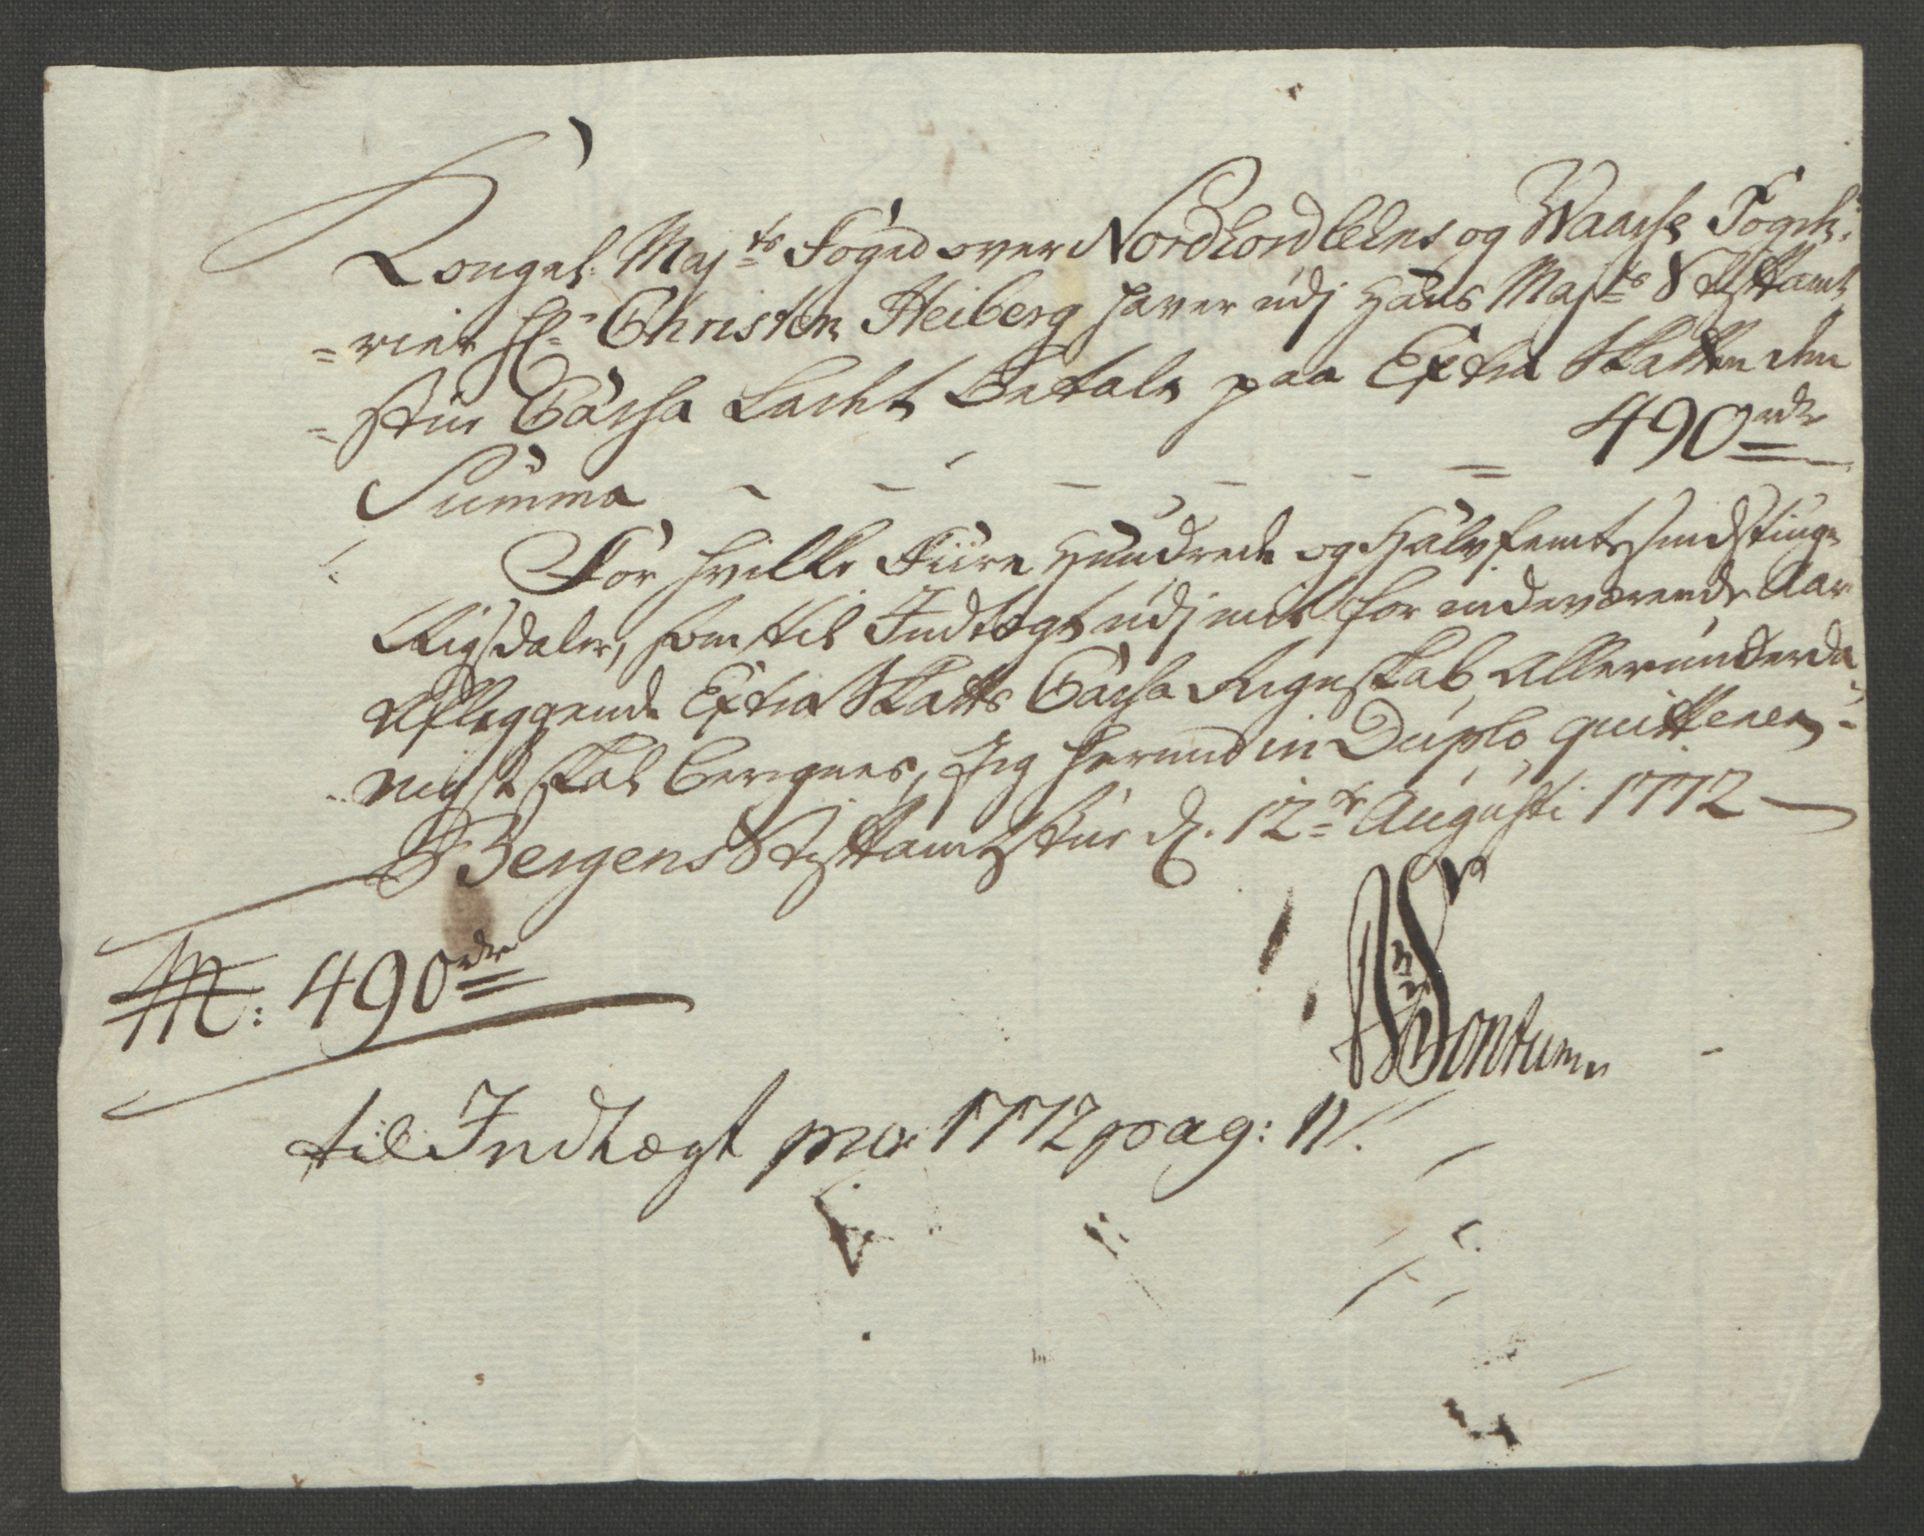 RA, Rentekammeret inntil 1814, Reviderte regnskaper, Fogderegnskap, R51/L3303: Ekstraskatten Nordhordland og Voss, 1762-1772, s. 614